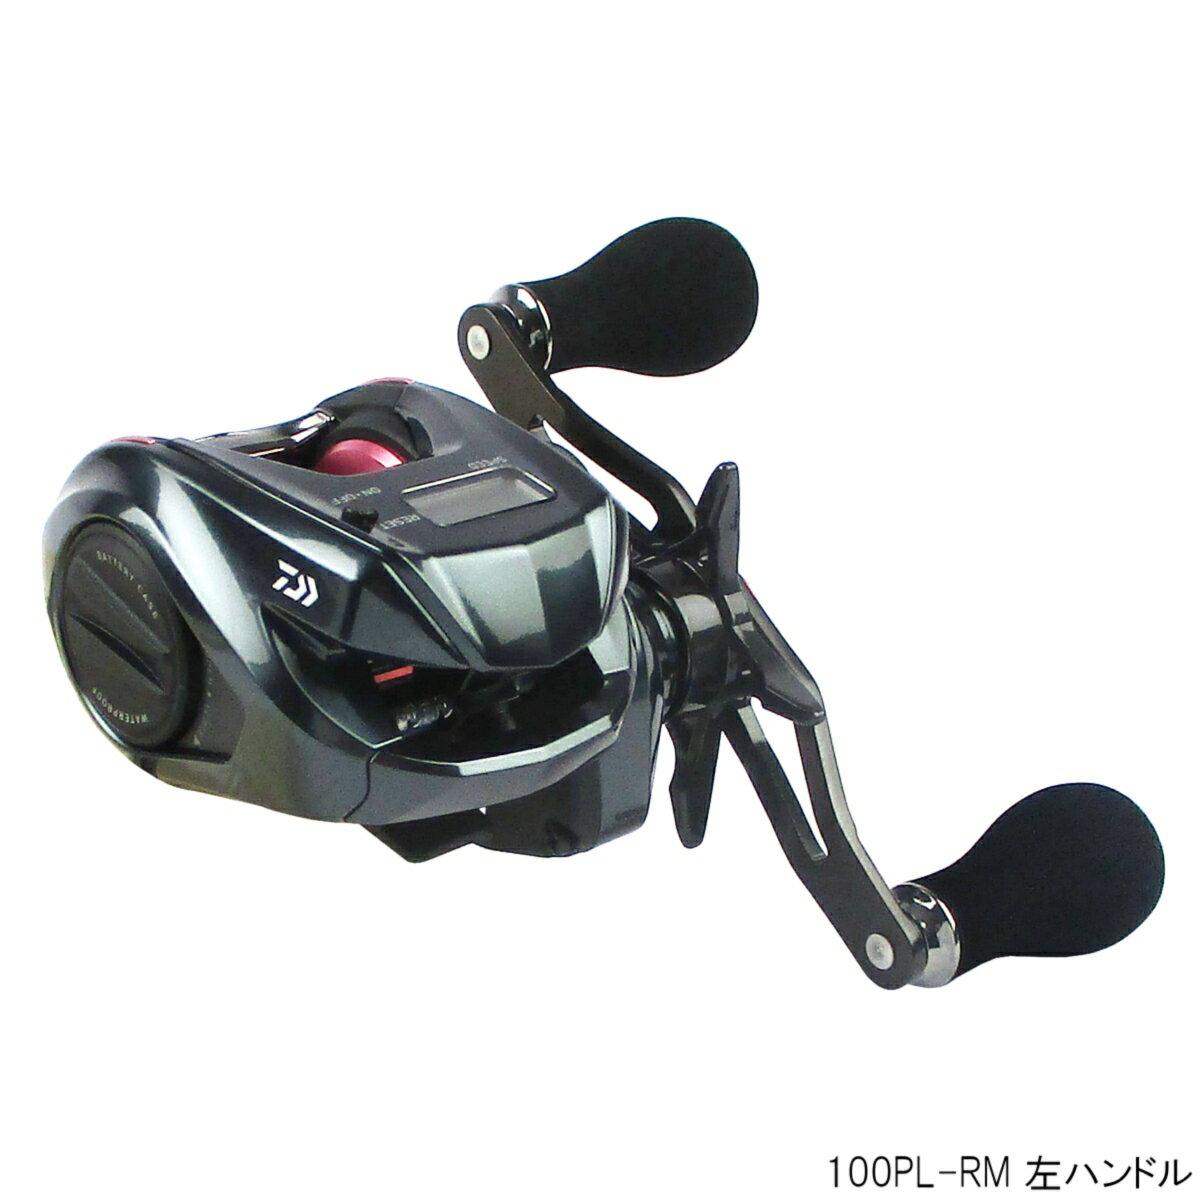 ダイワ 紅牙 IC 100PL-RM 左ハンドル【送料無料】